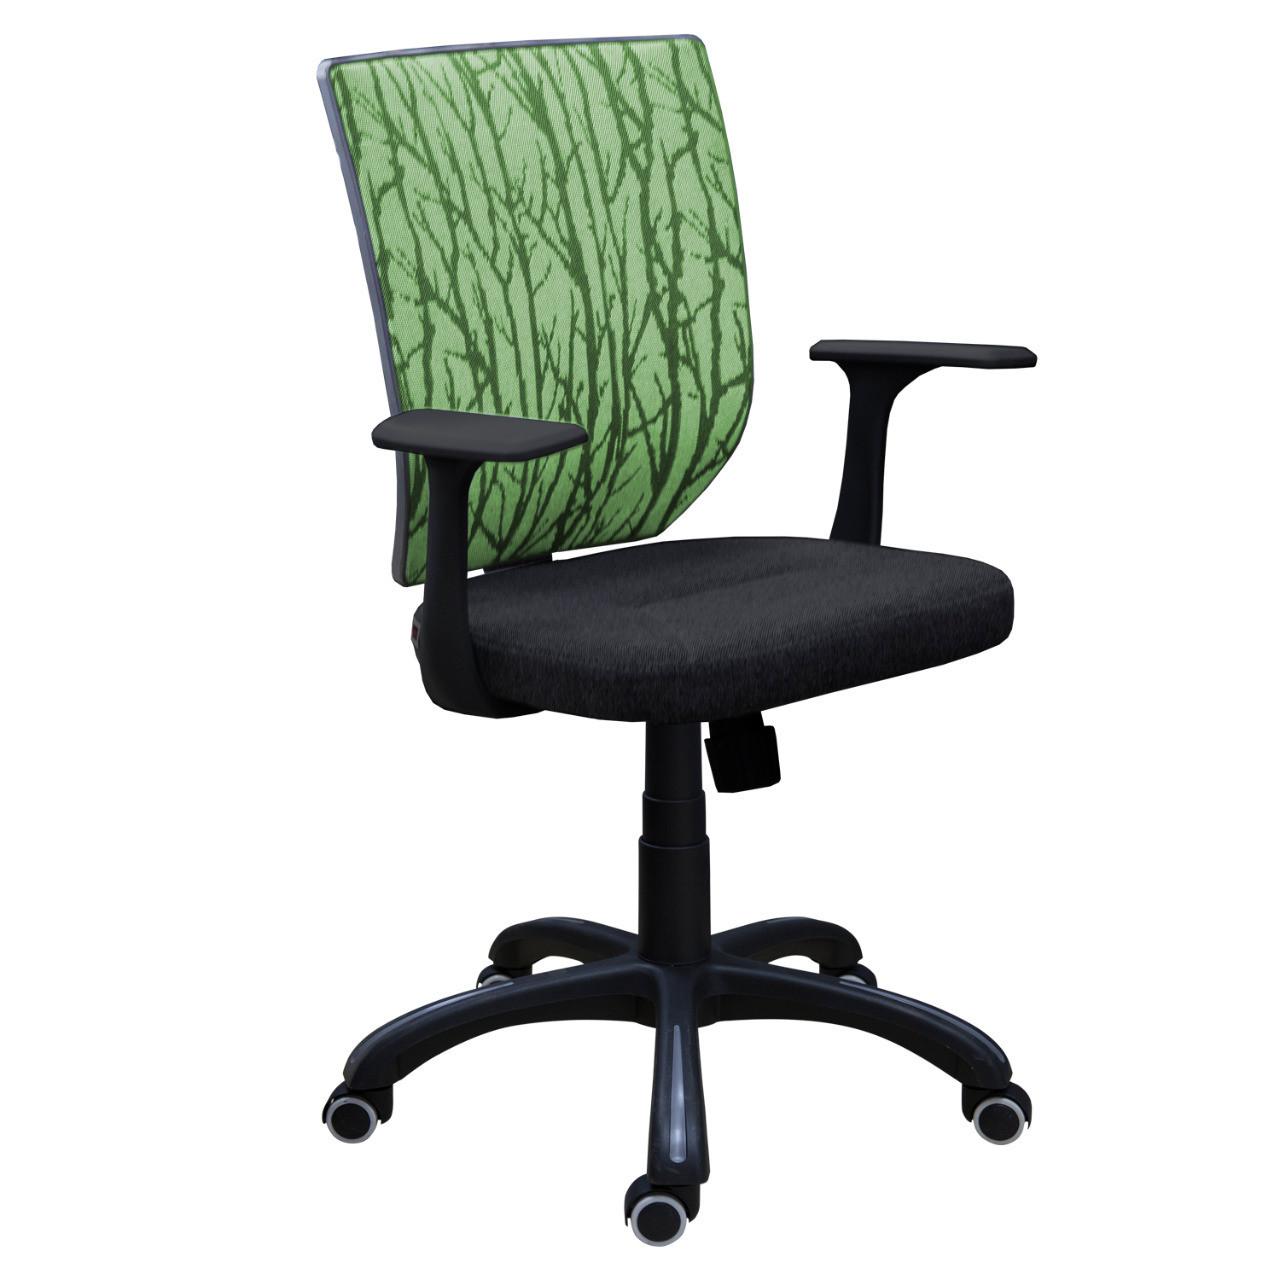 Офисное кресло, кресло ZETA, Зета,  ZETA,  компьютерное кресло, ZETA,  мод М-16